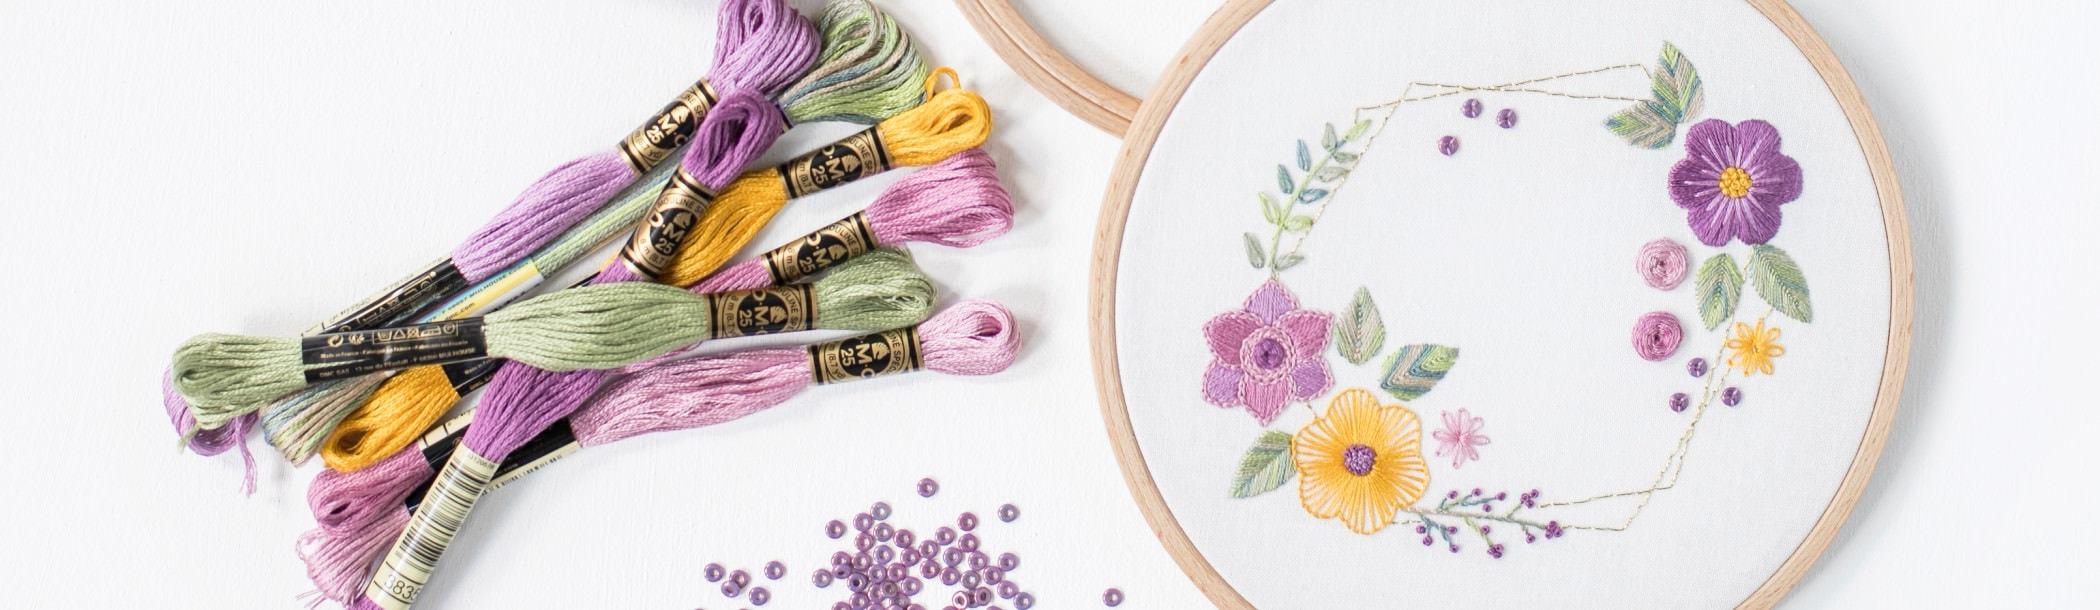 Blumen und Blätter sticken | Stickkurs Anfänger